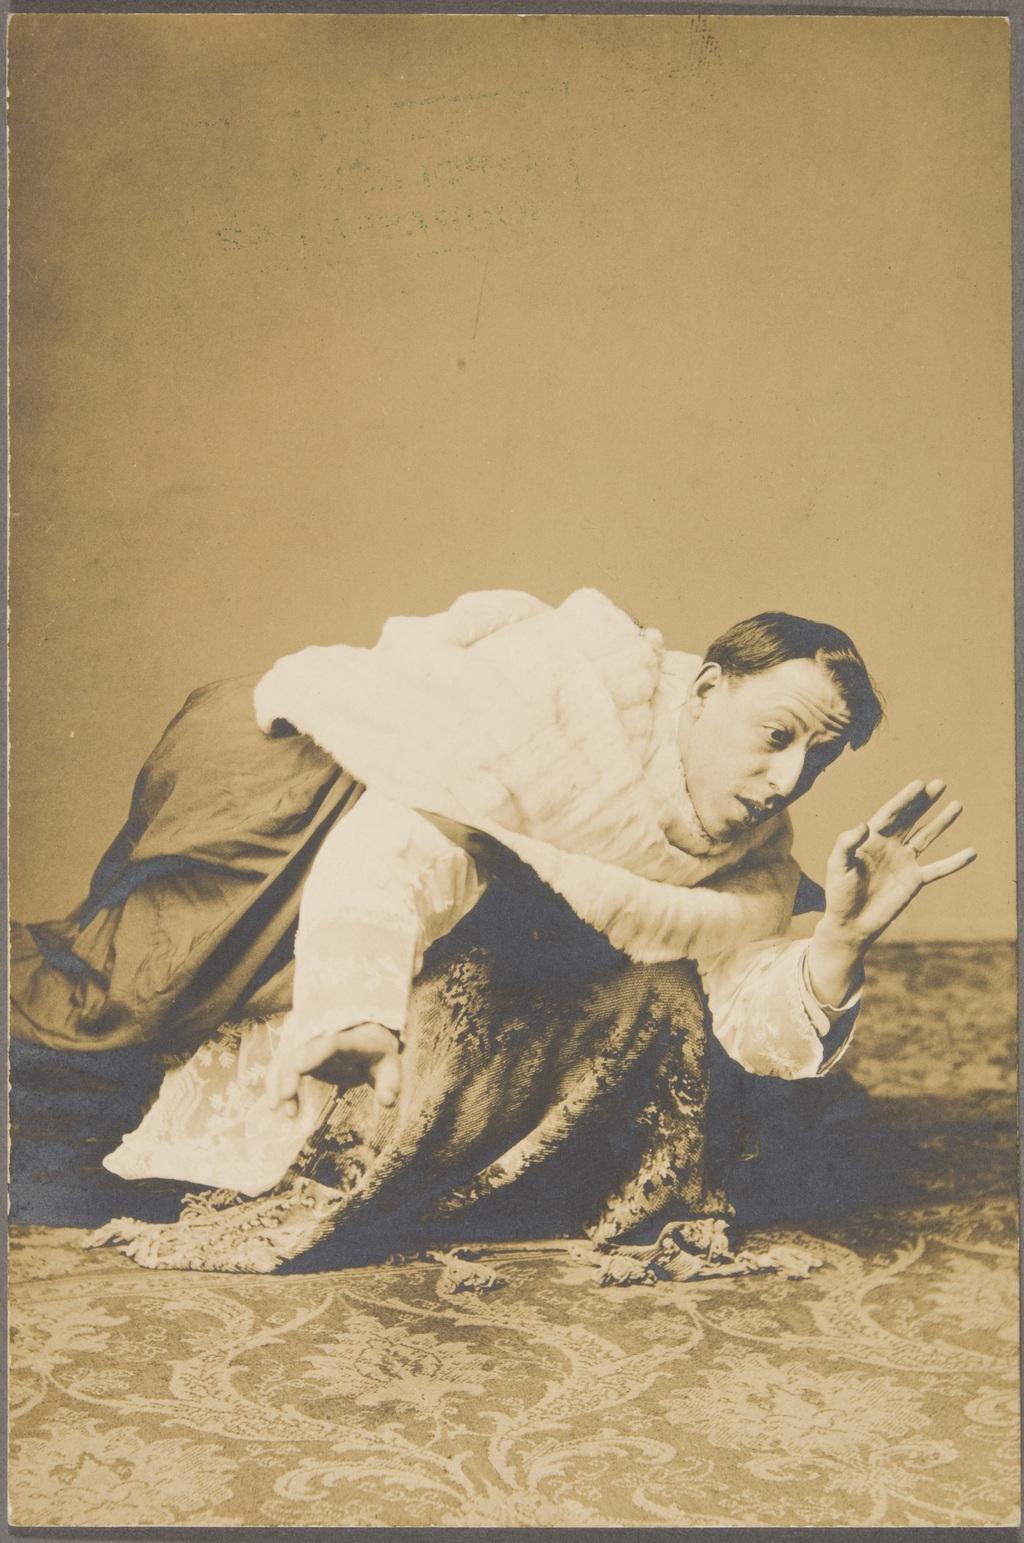 Figurant en costume liturgique prenant la pose